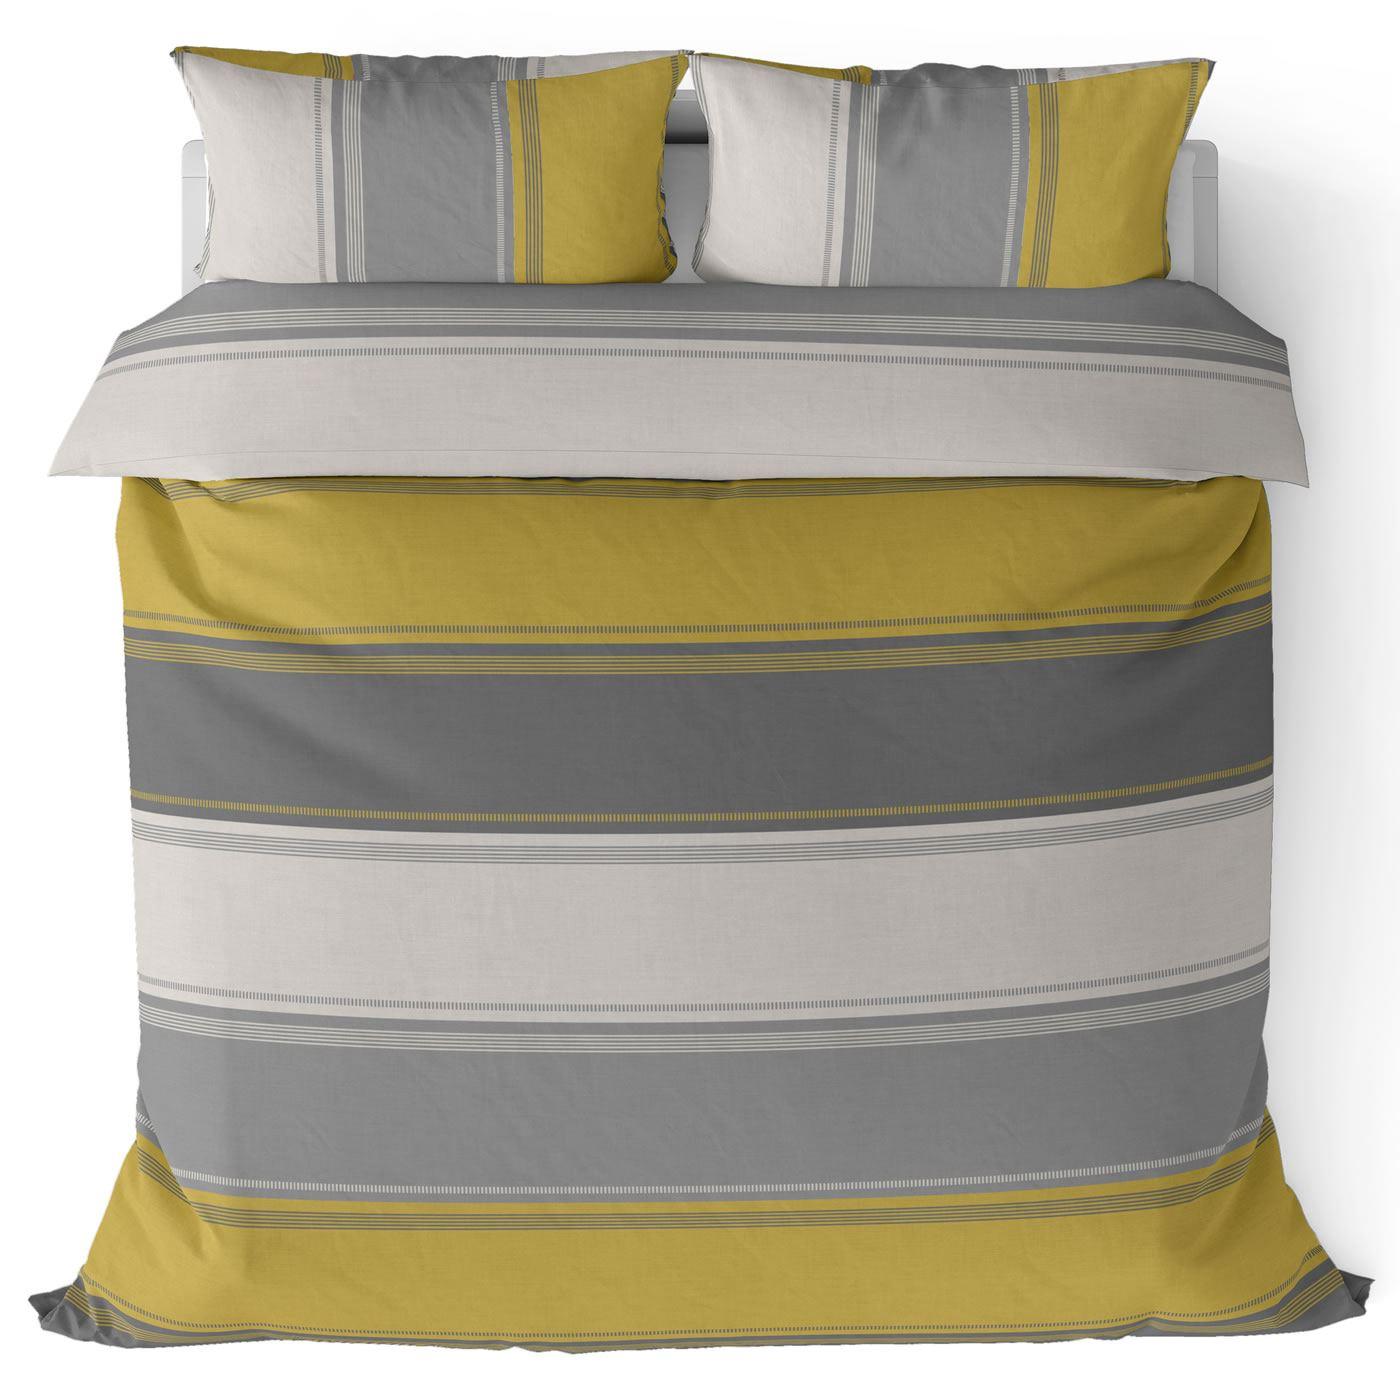 Mostaza-amarillo-ocre-Funda-de-edredon-impreso-Edredon-juego-ropa-de-cama-cubre-conjuntos miniatura 11